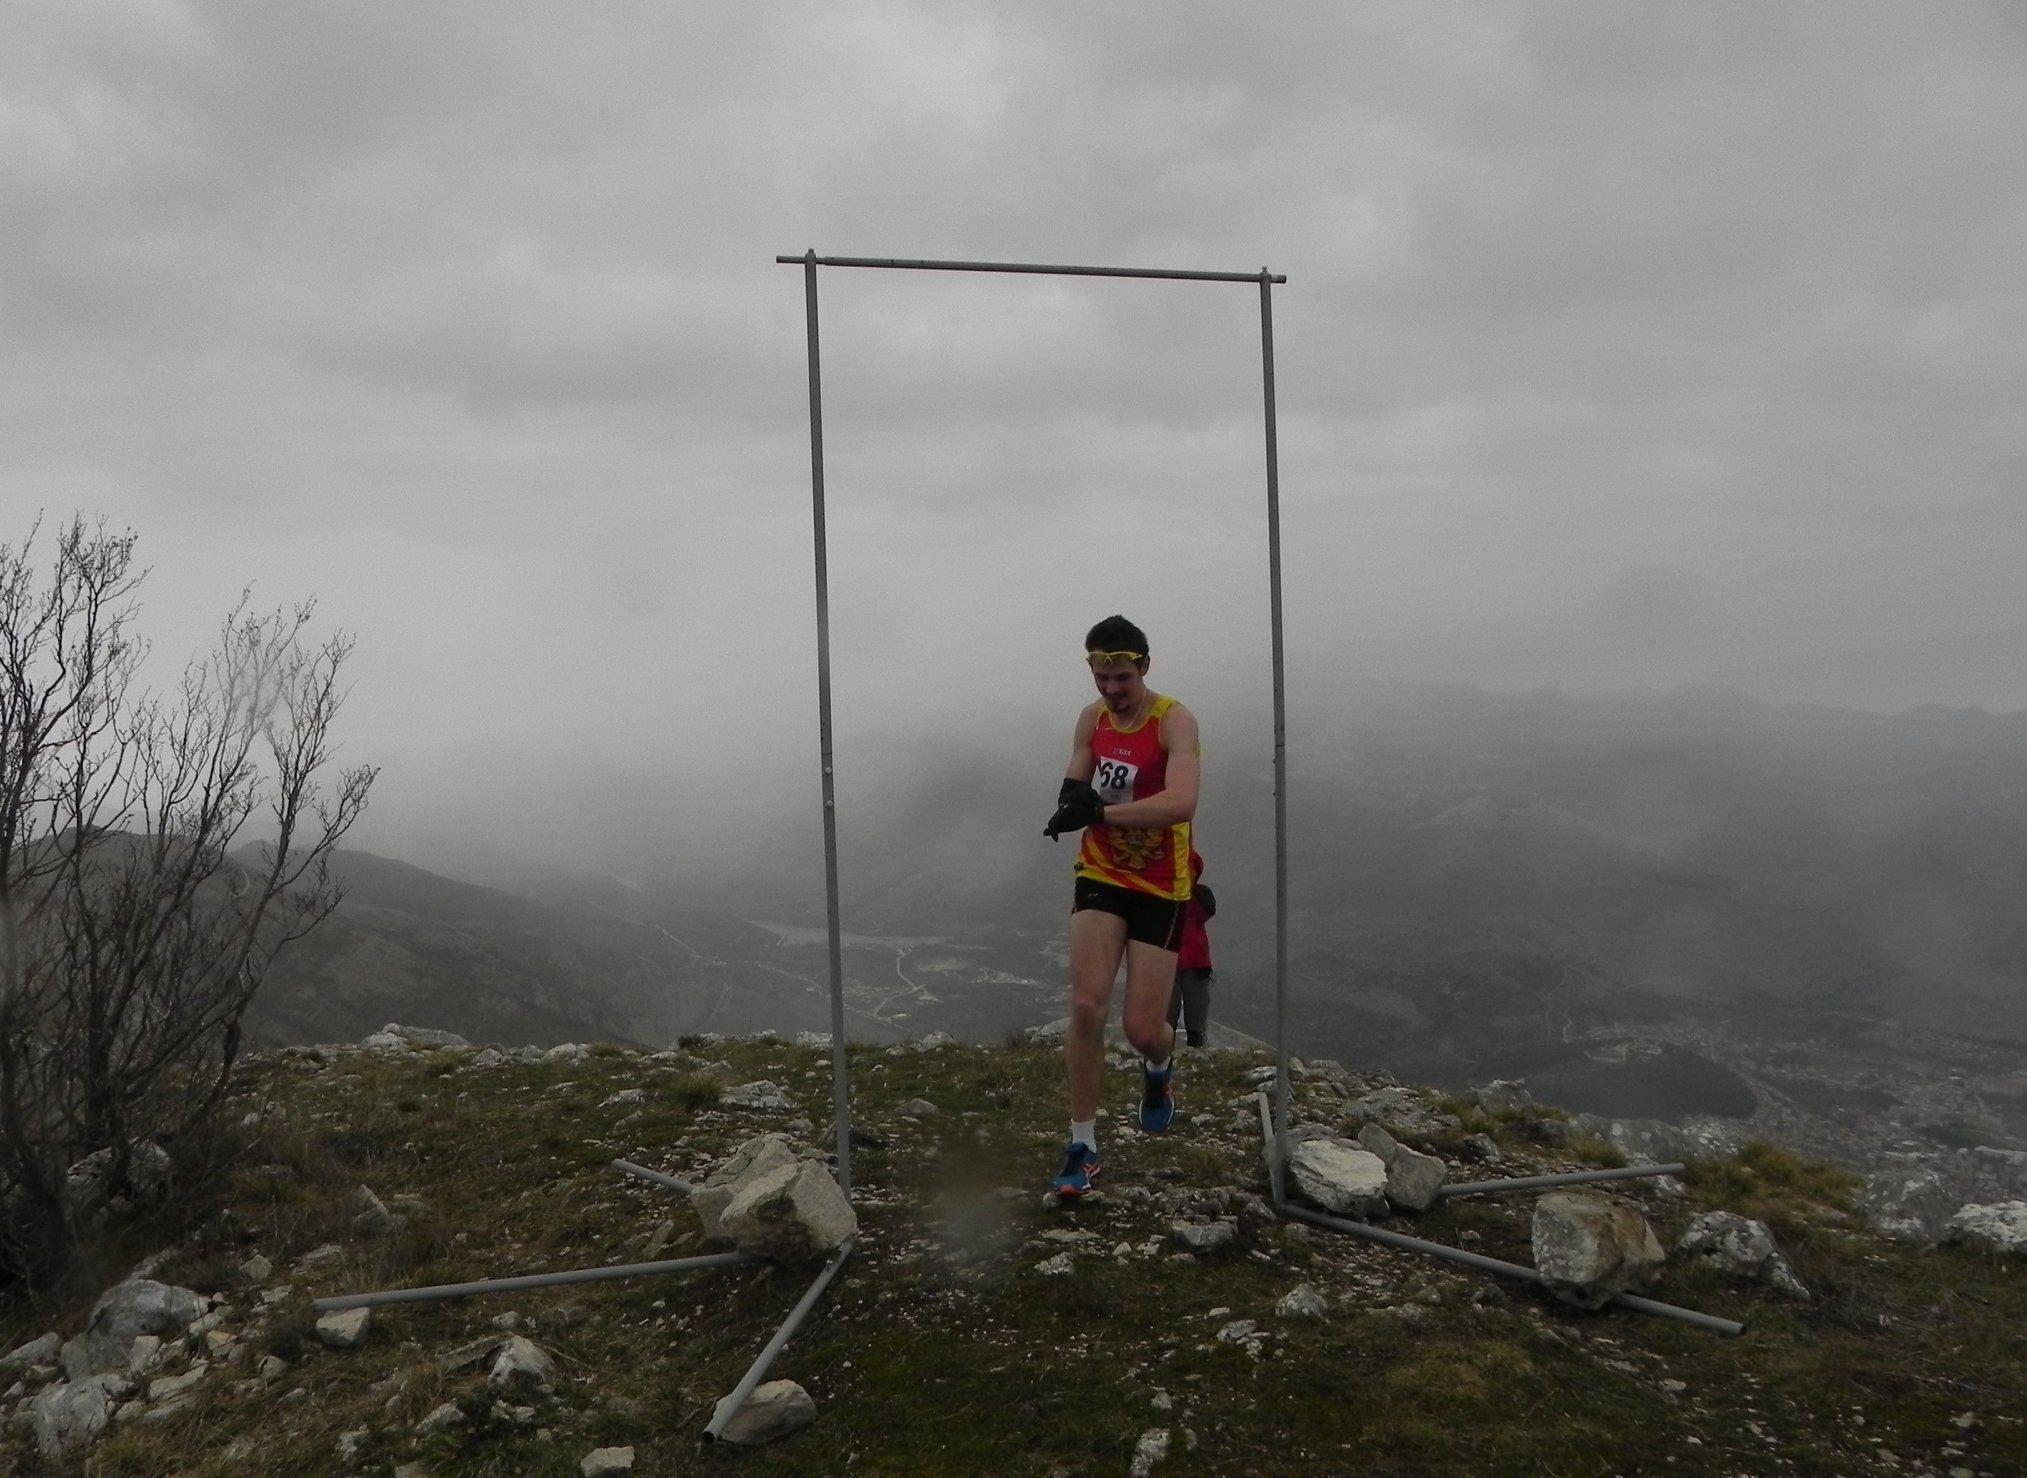 Trenutak postavljanja rekorda - Miloš Mikić